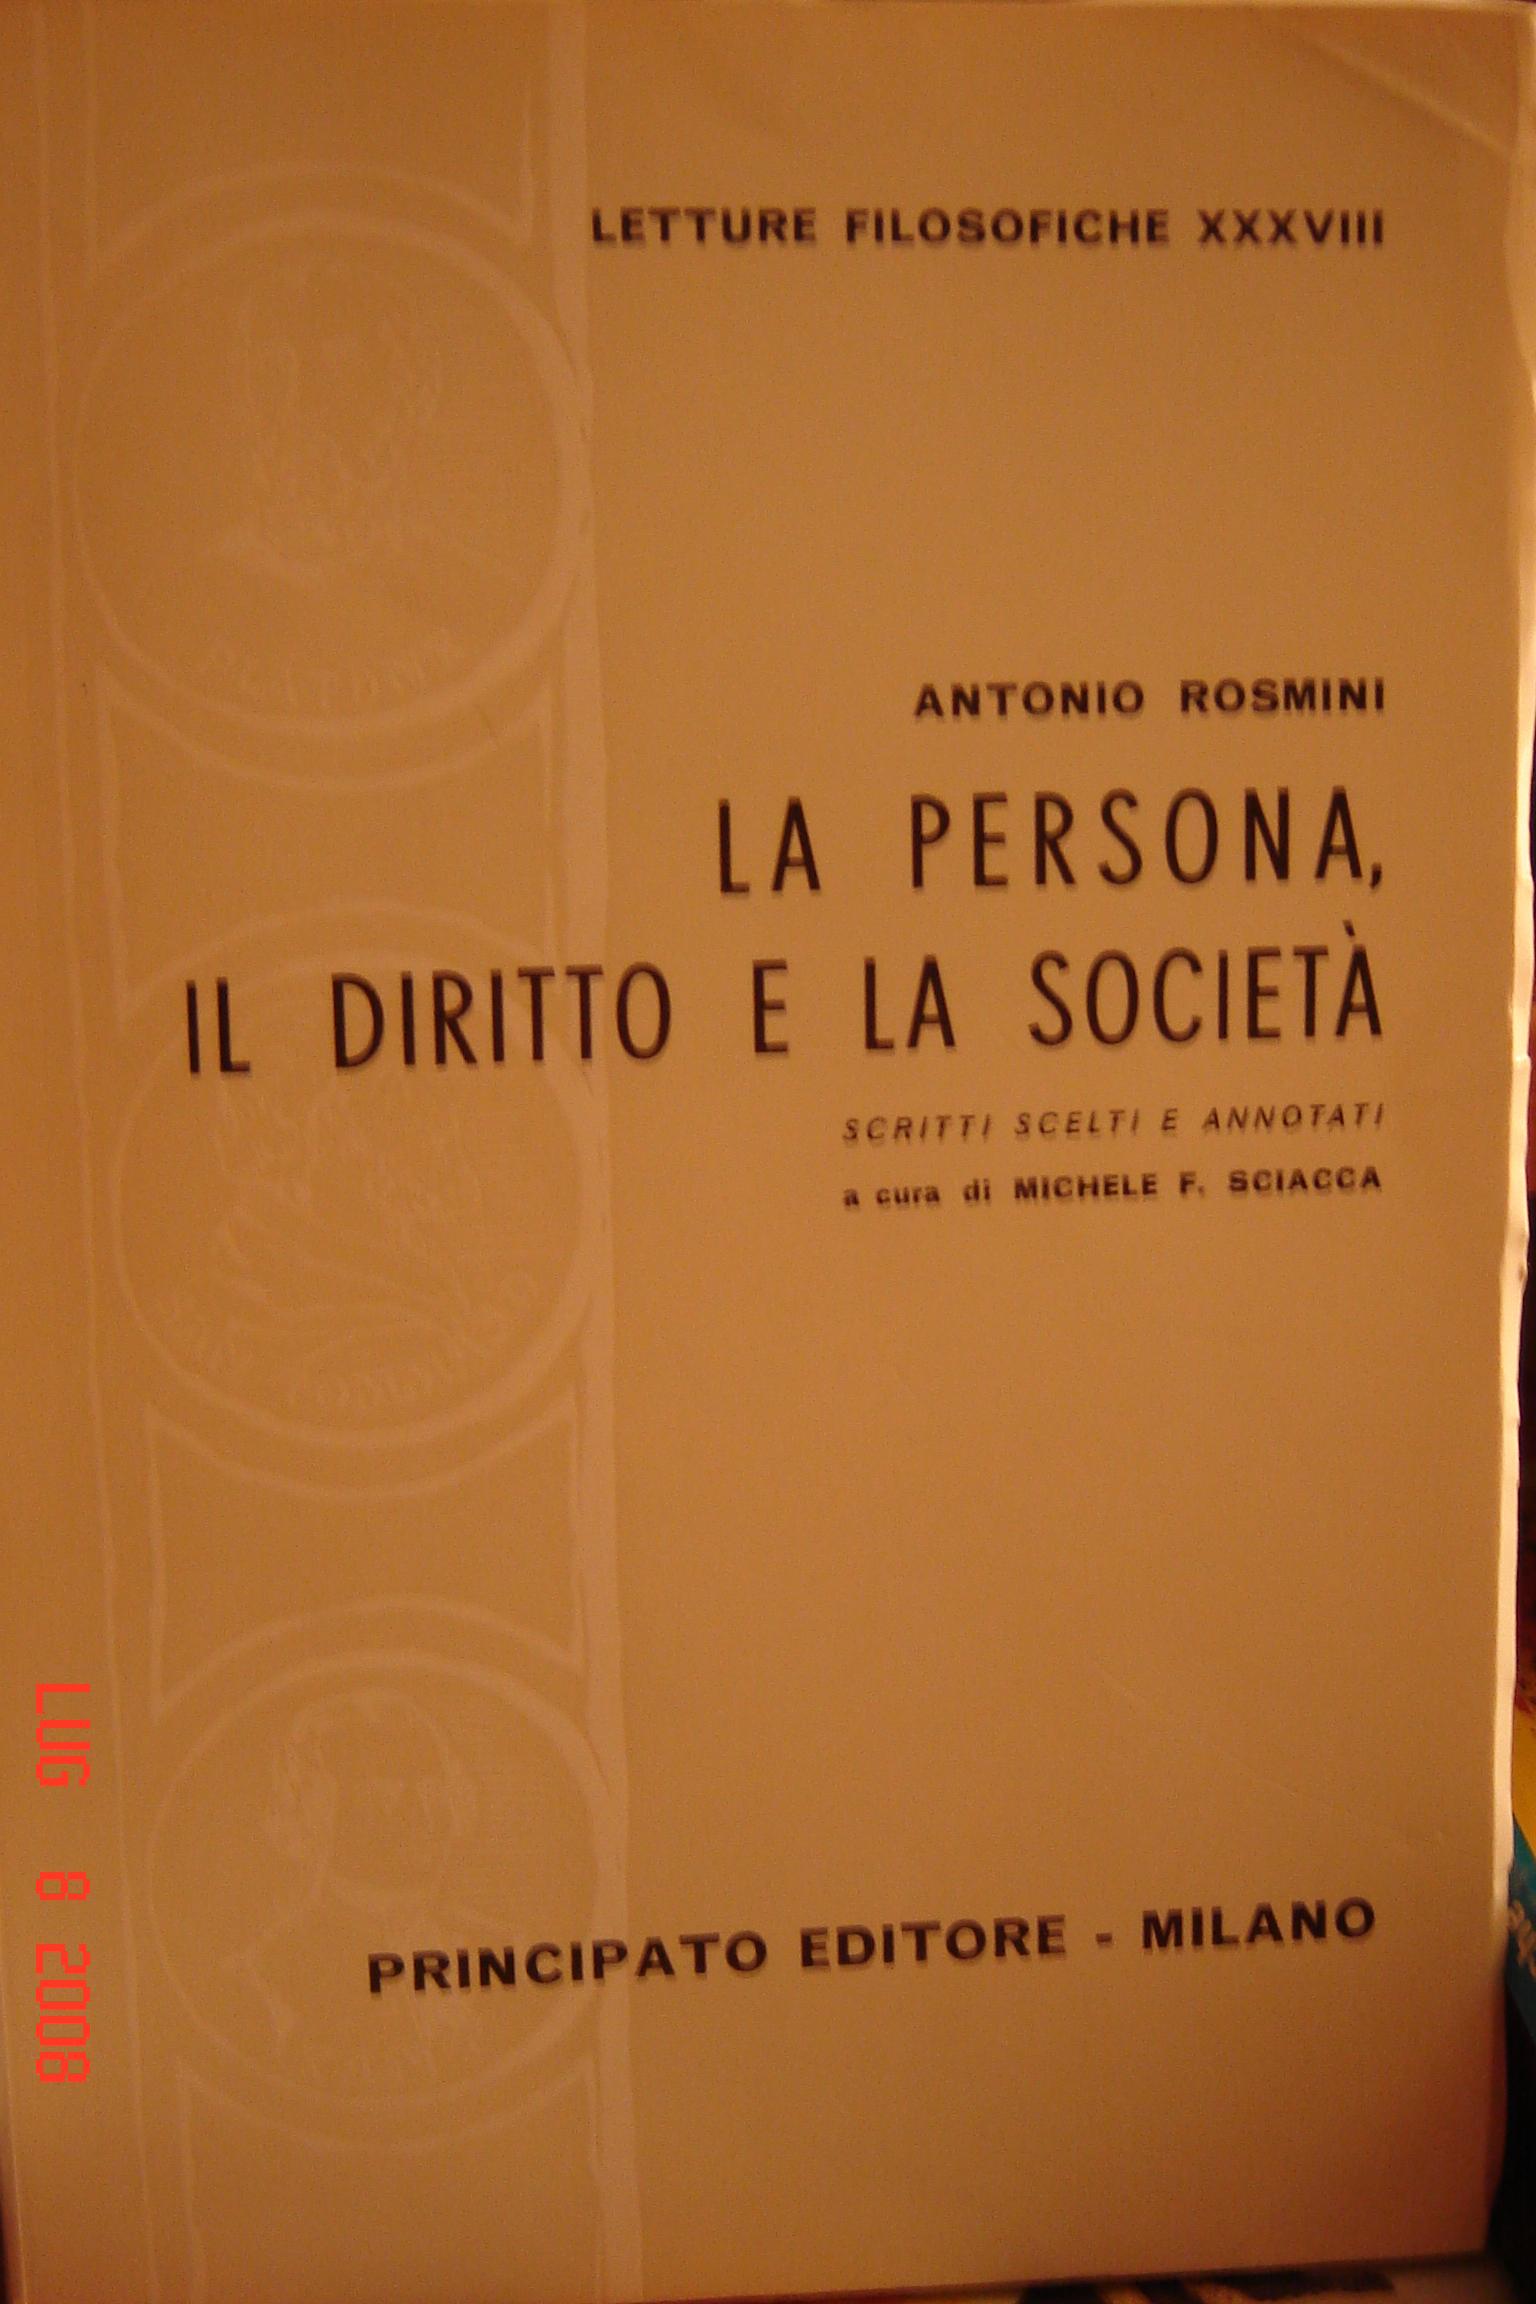 La persona, il diritto e la società